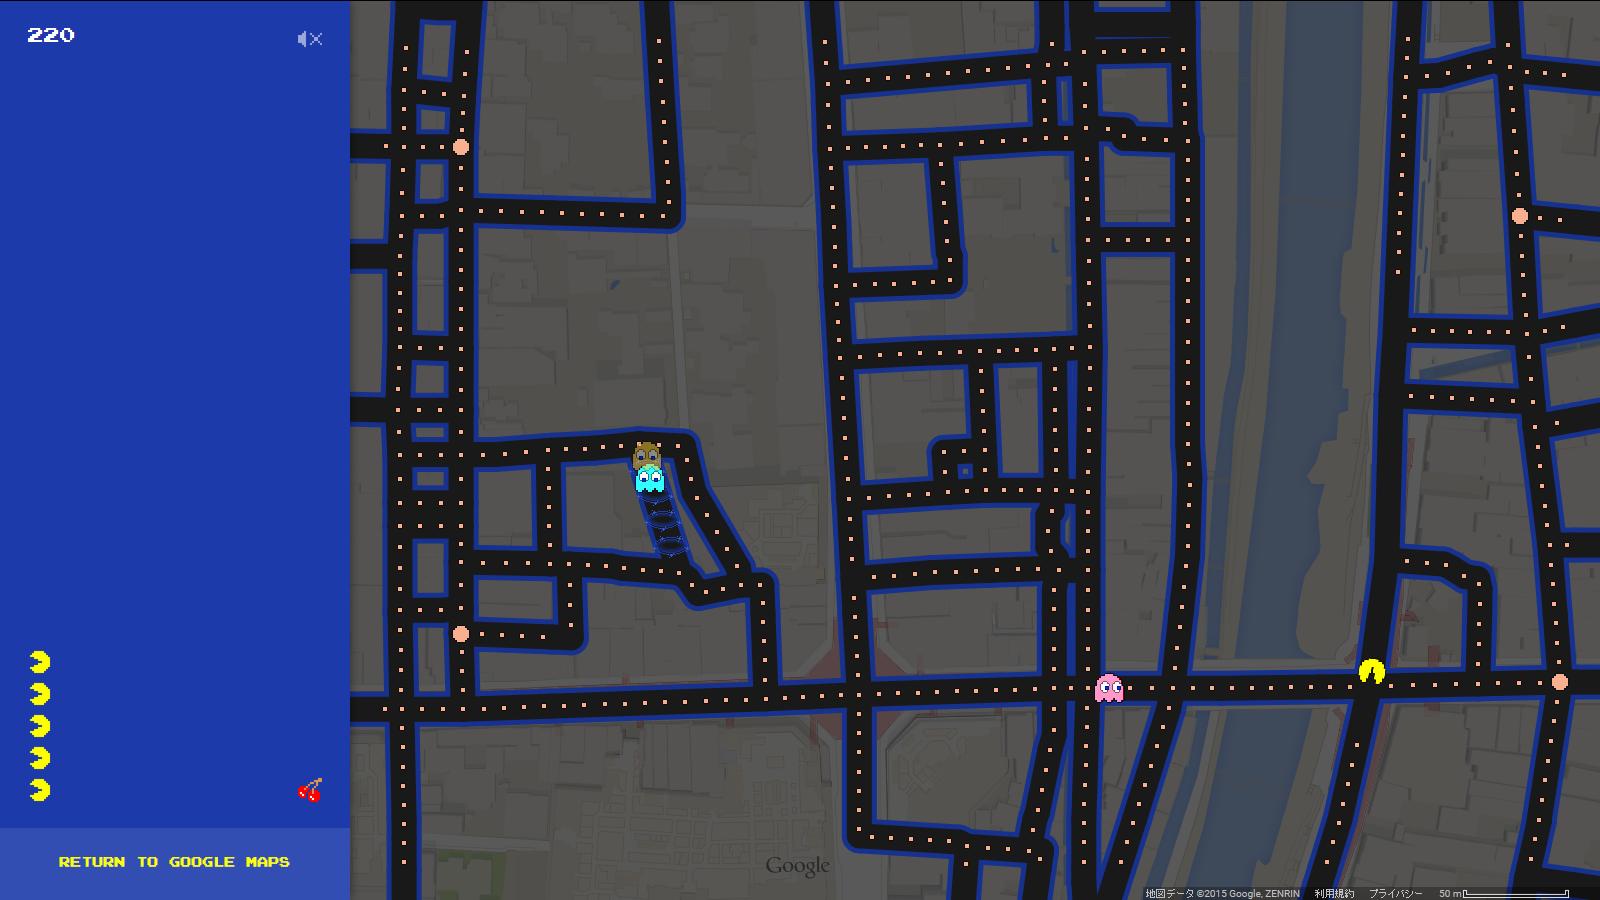 「Google パックマップ」